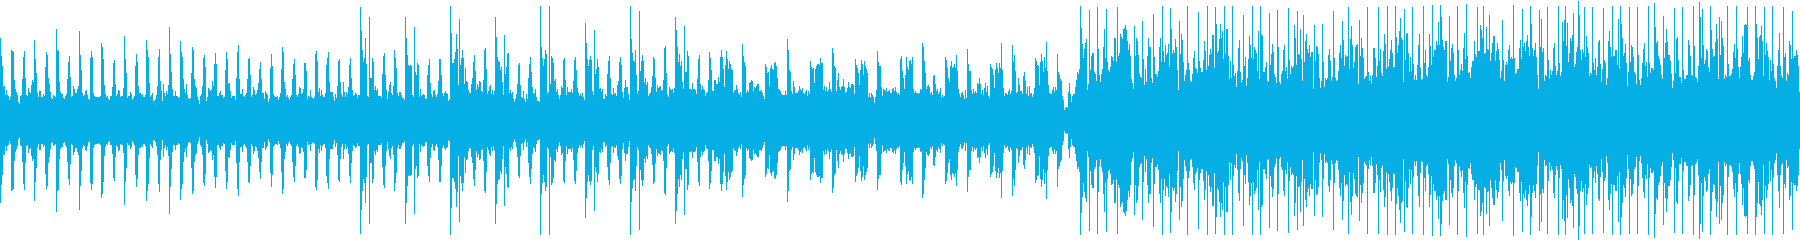 エレクトロニックファンク風?ループ可の再生済みの波形